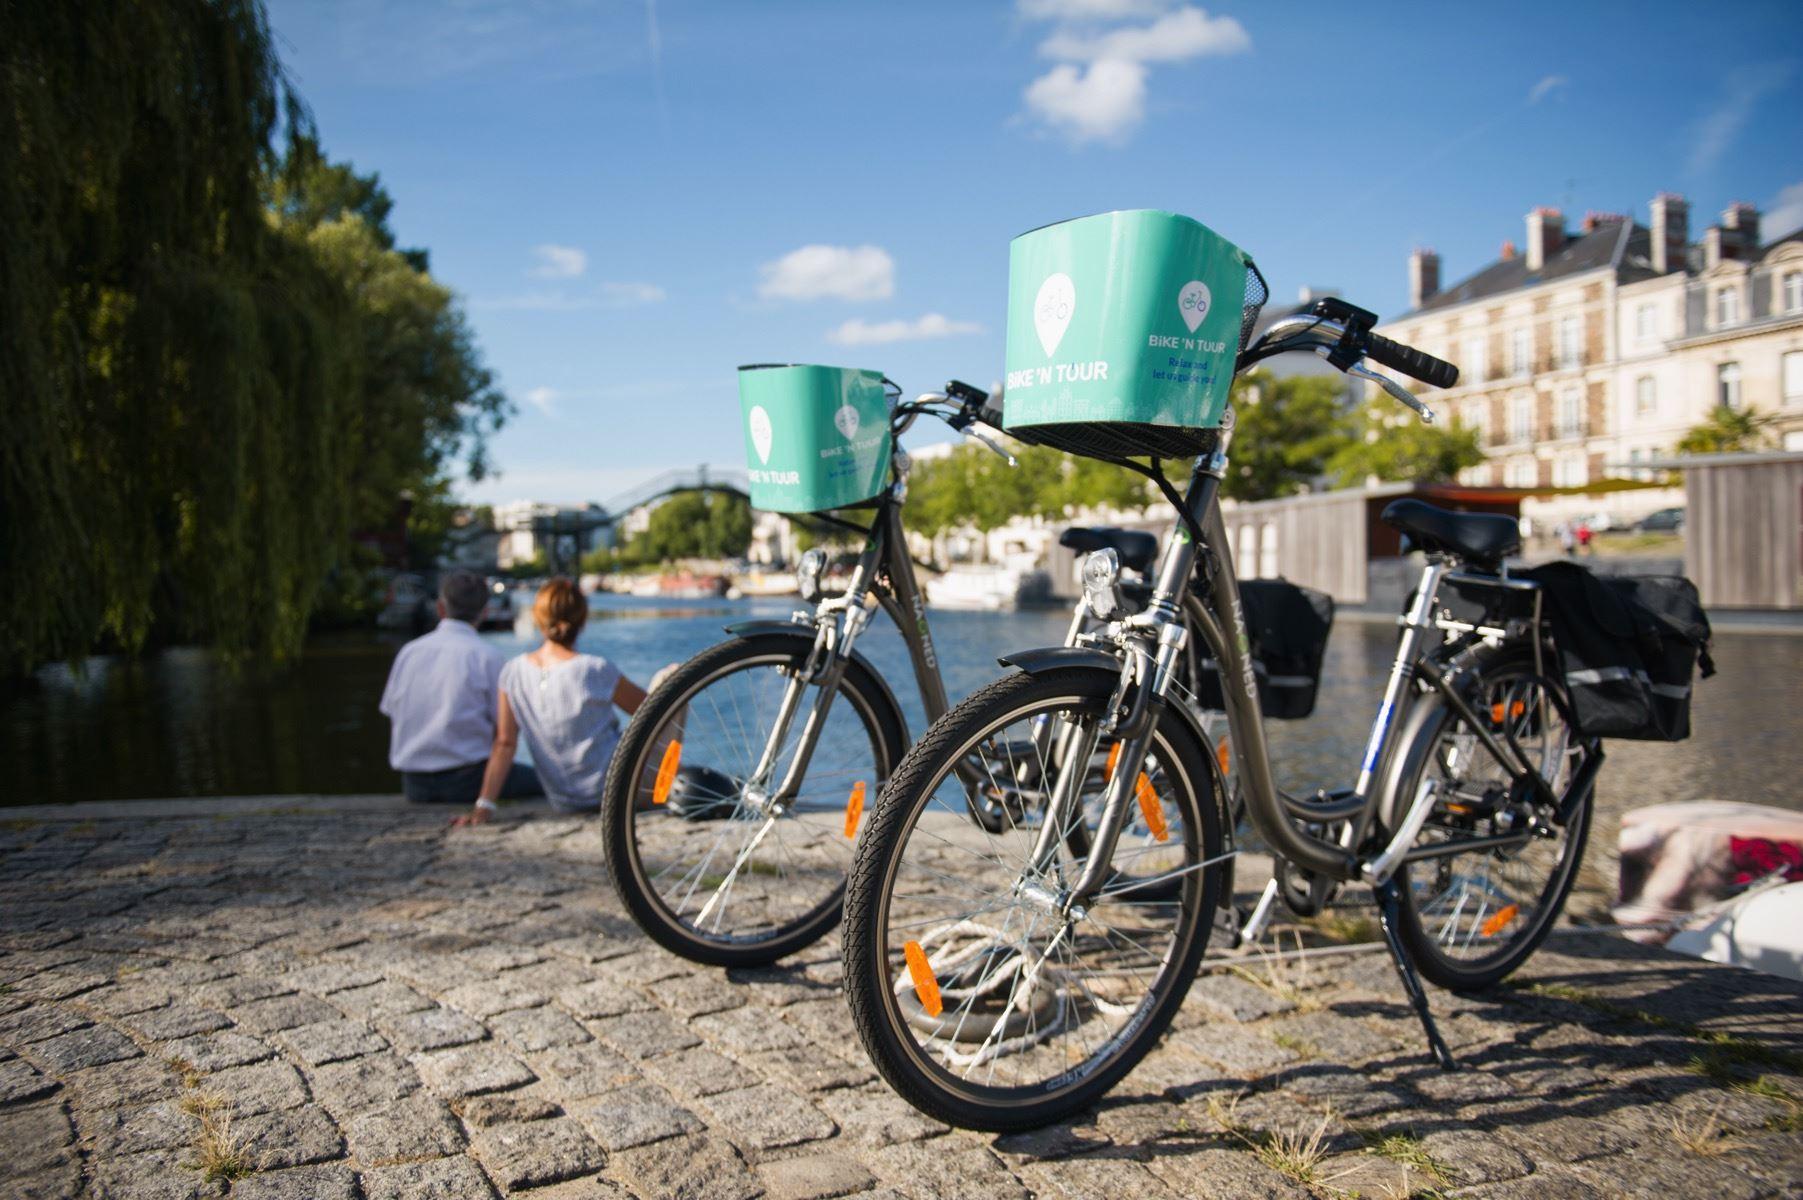 Bike'N Tour - Tour Surpre-Nantes (avec dégustation de vins locaux)